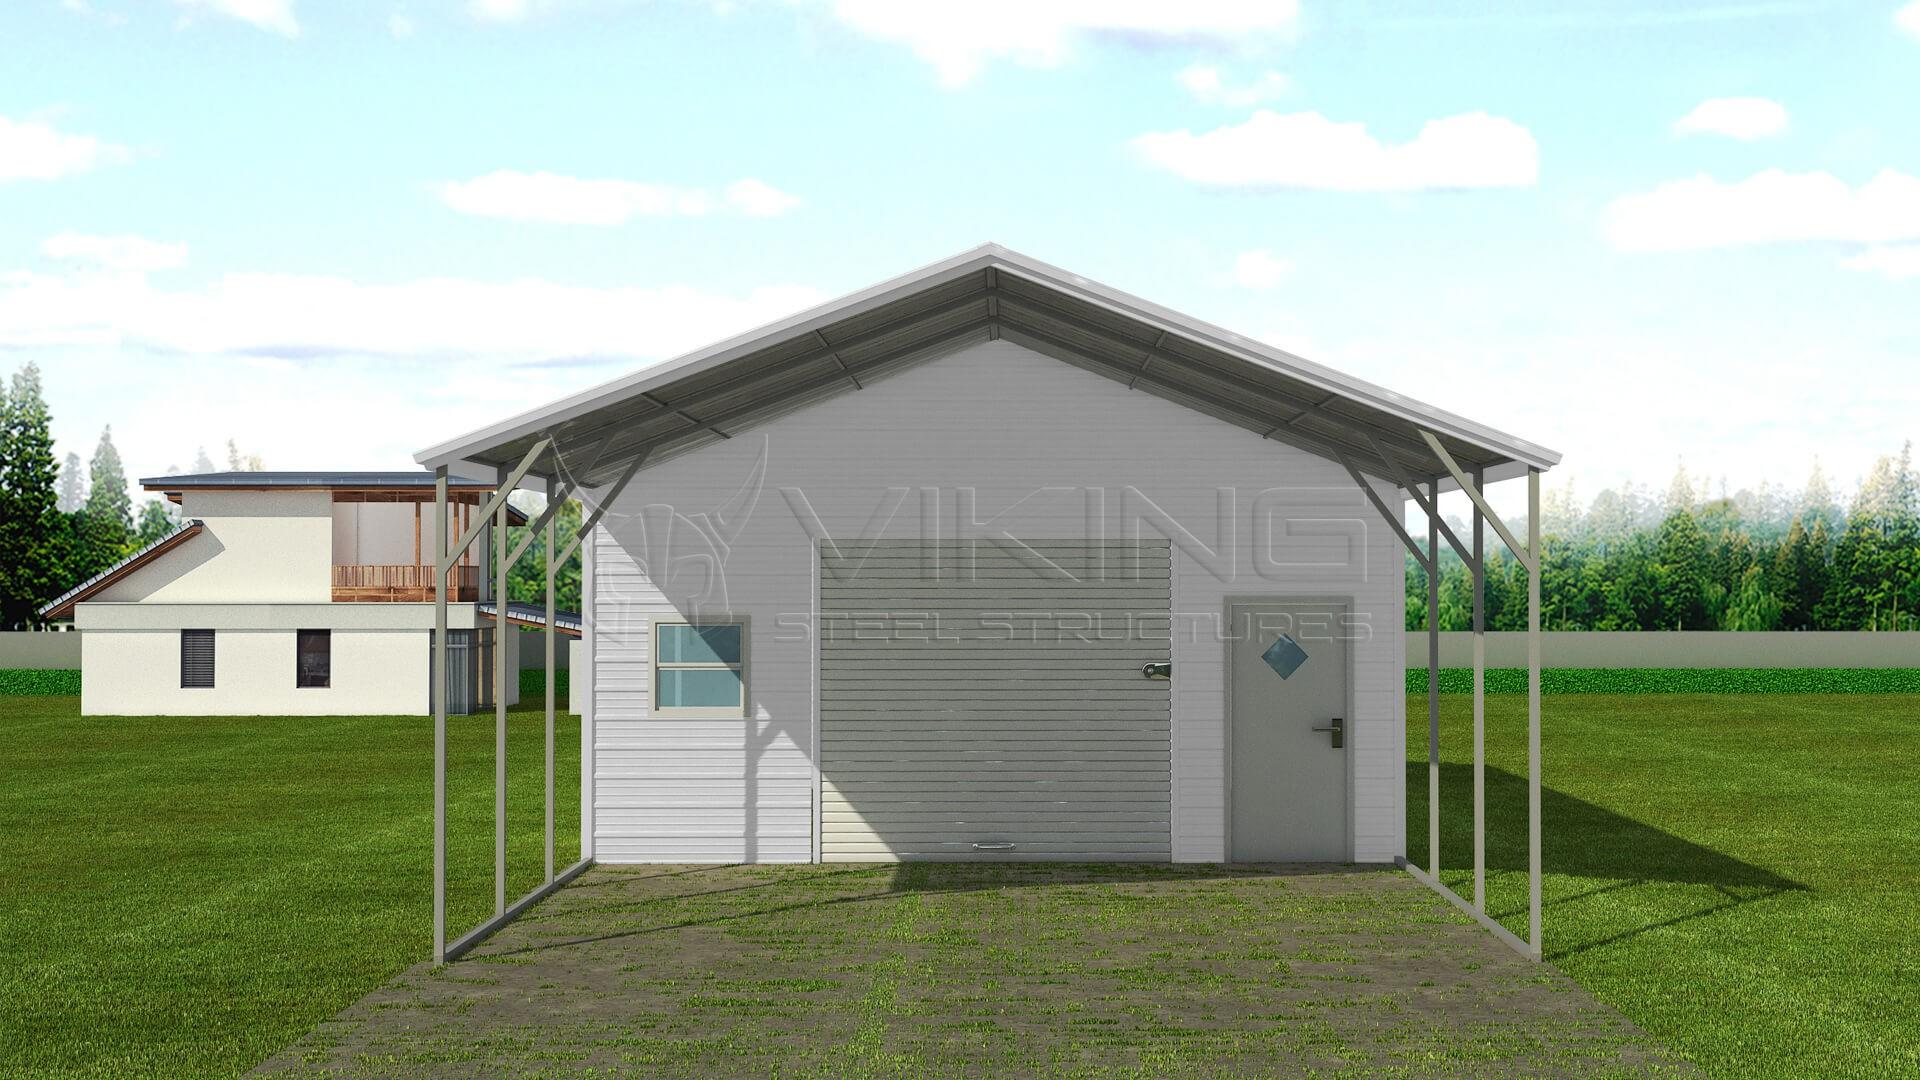 Genial 20x36 Steel Carport With Storage ( Write A Review )